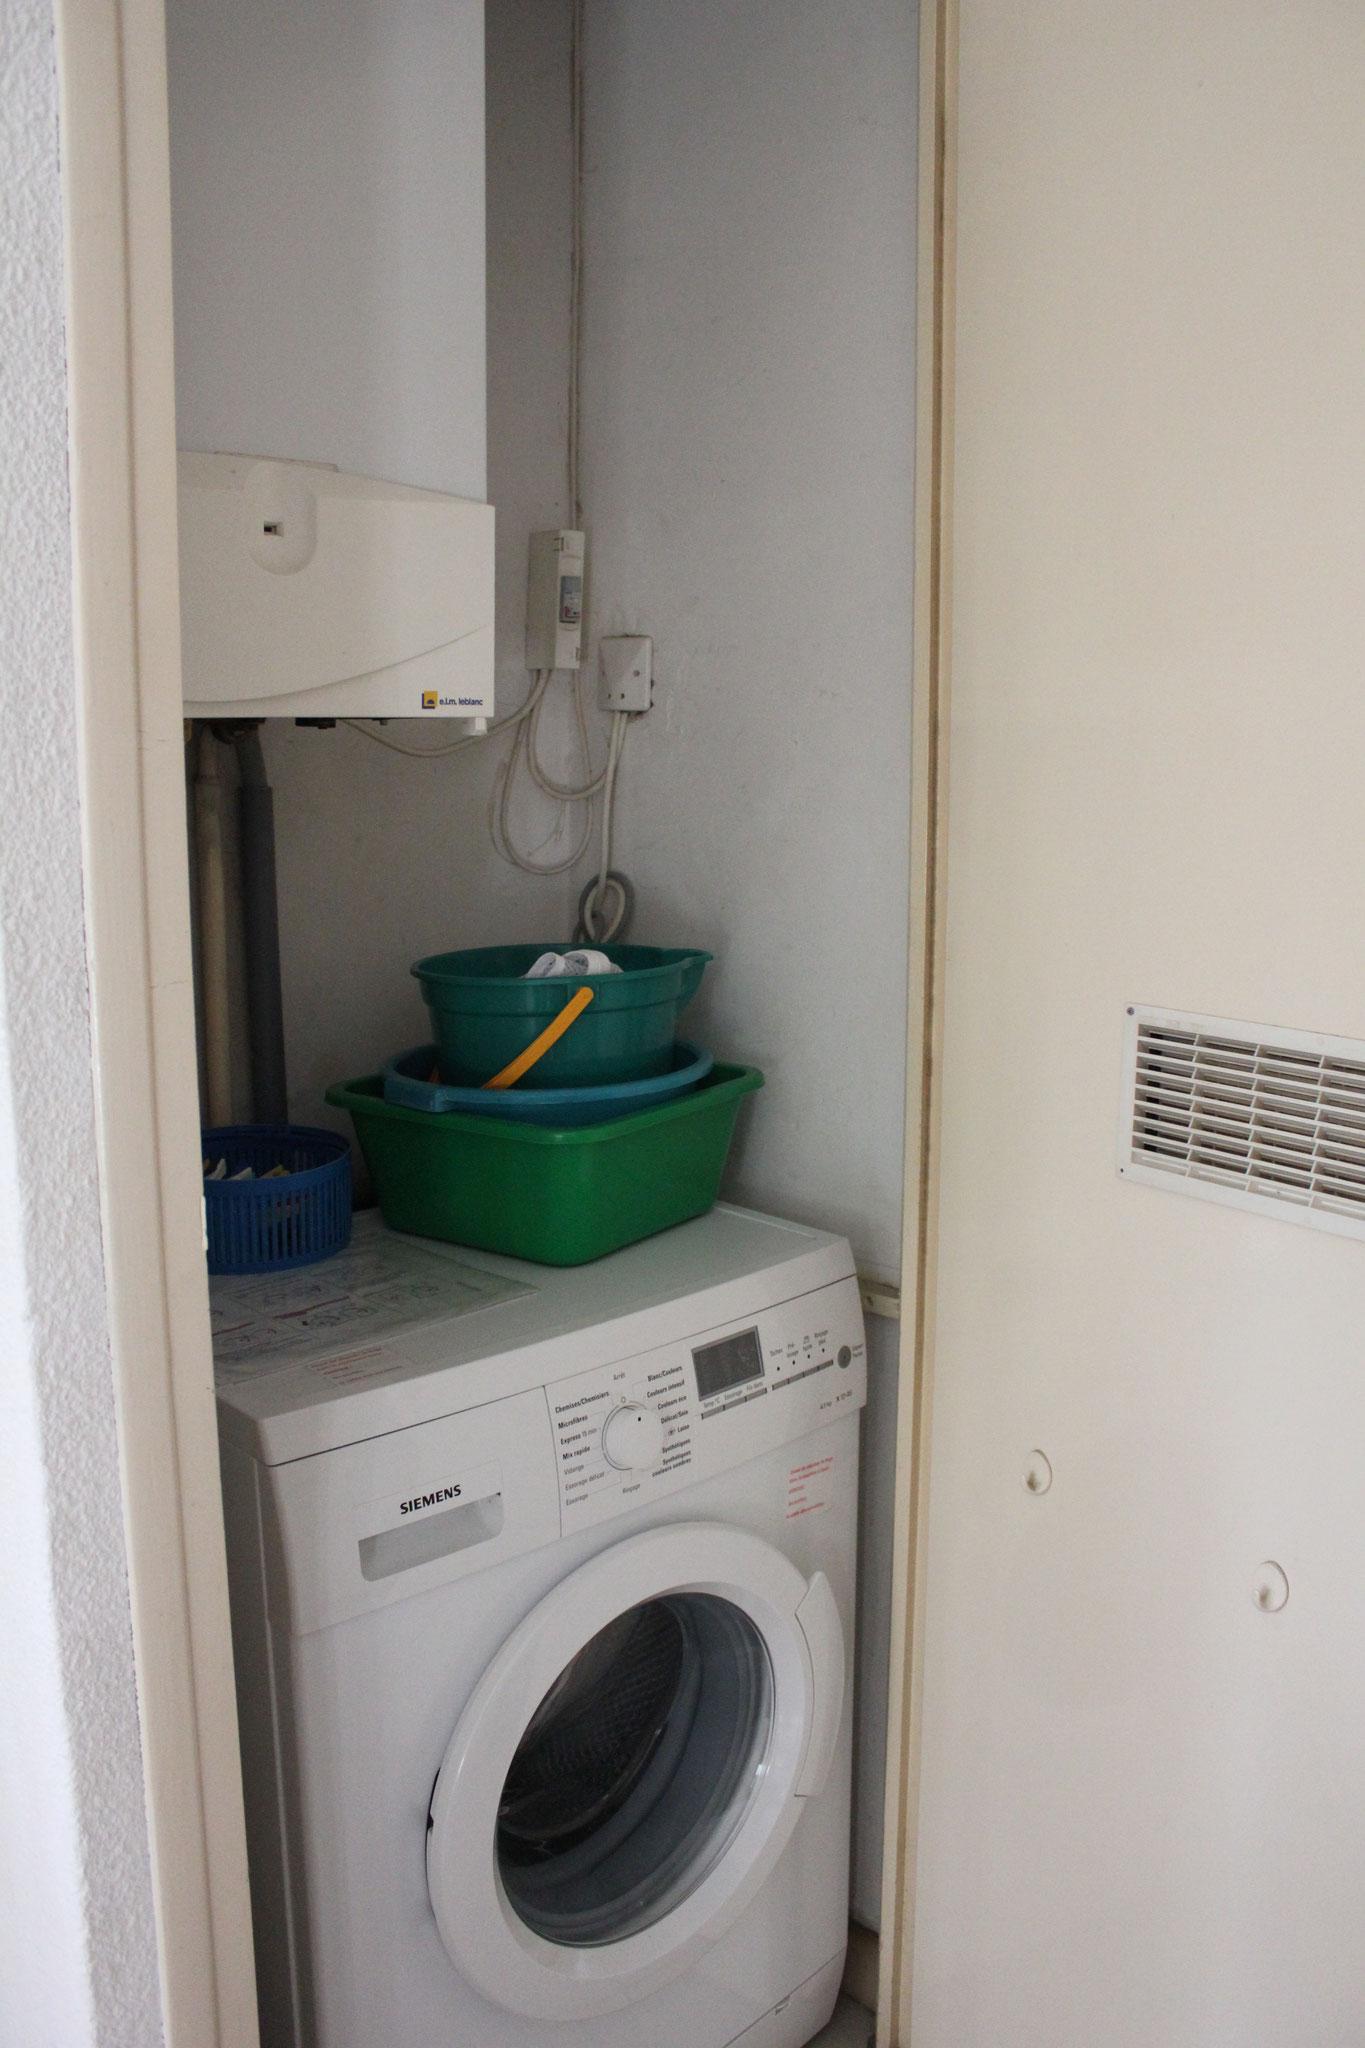 chaudière - lave linge